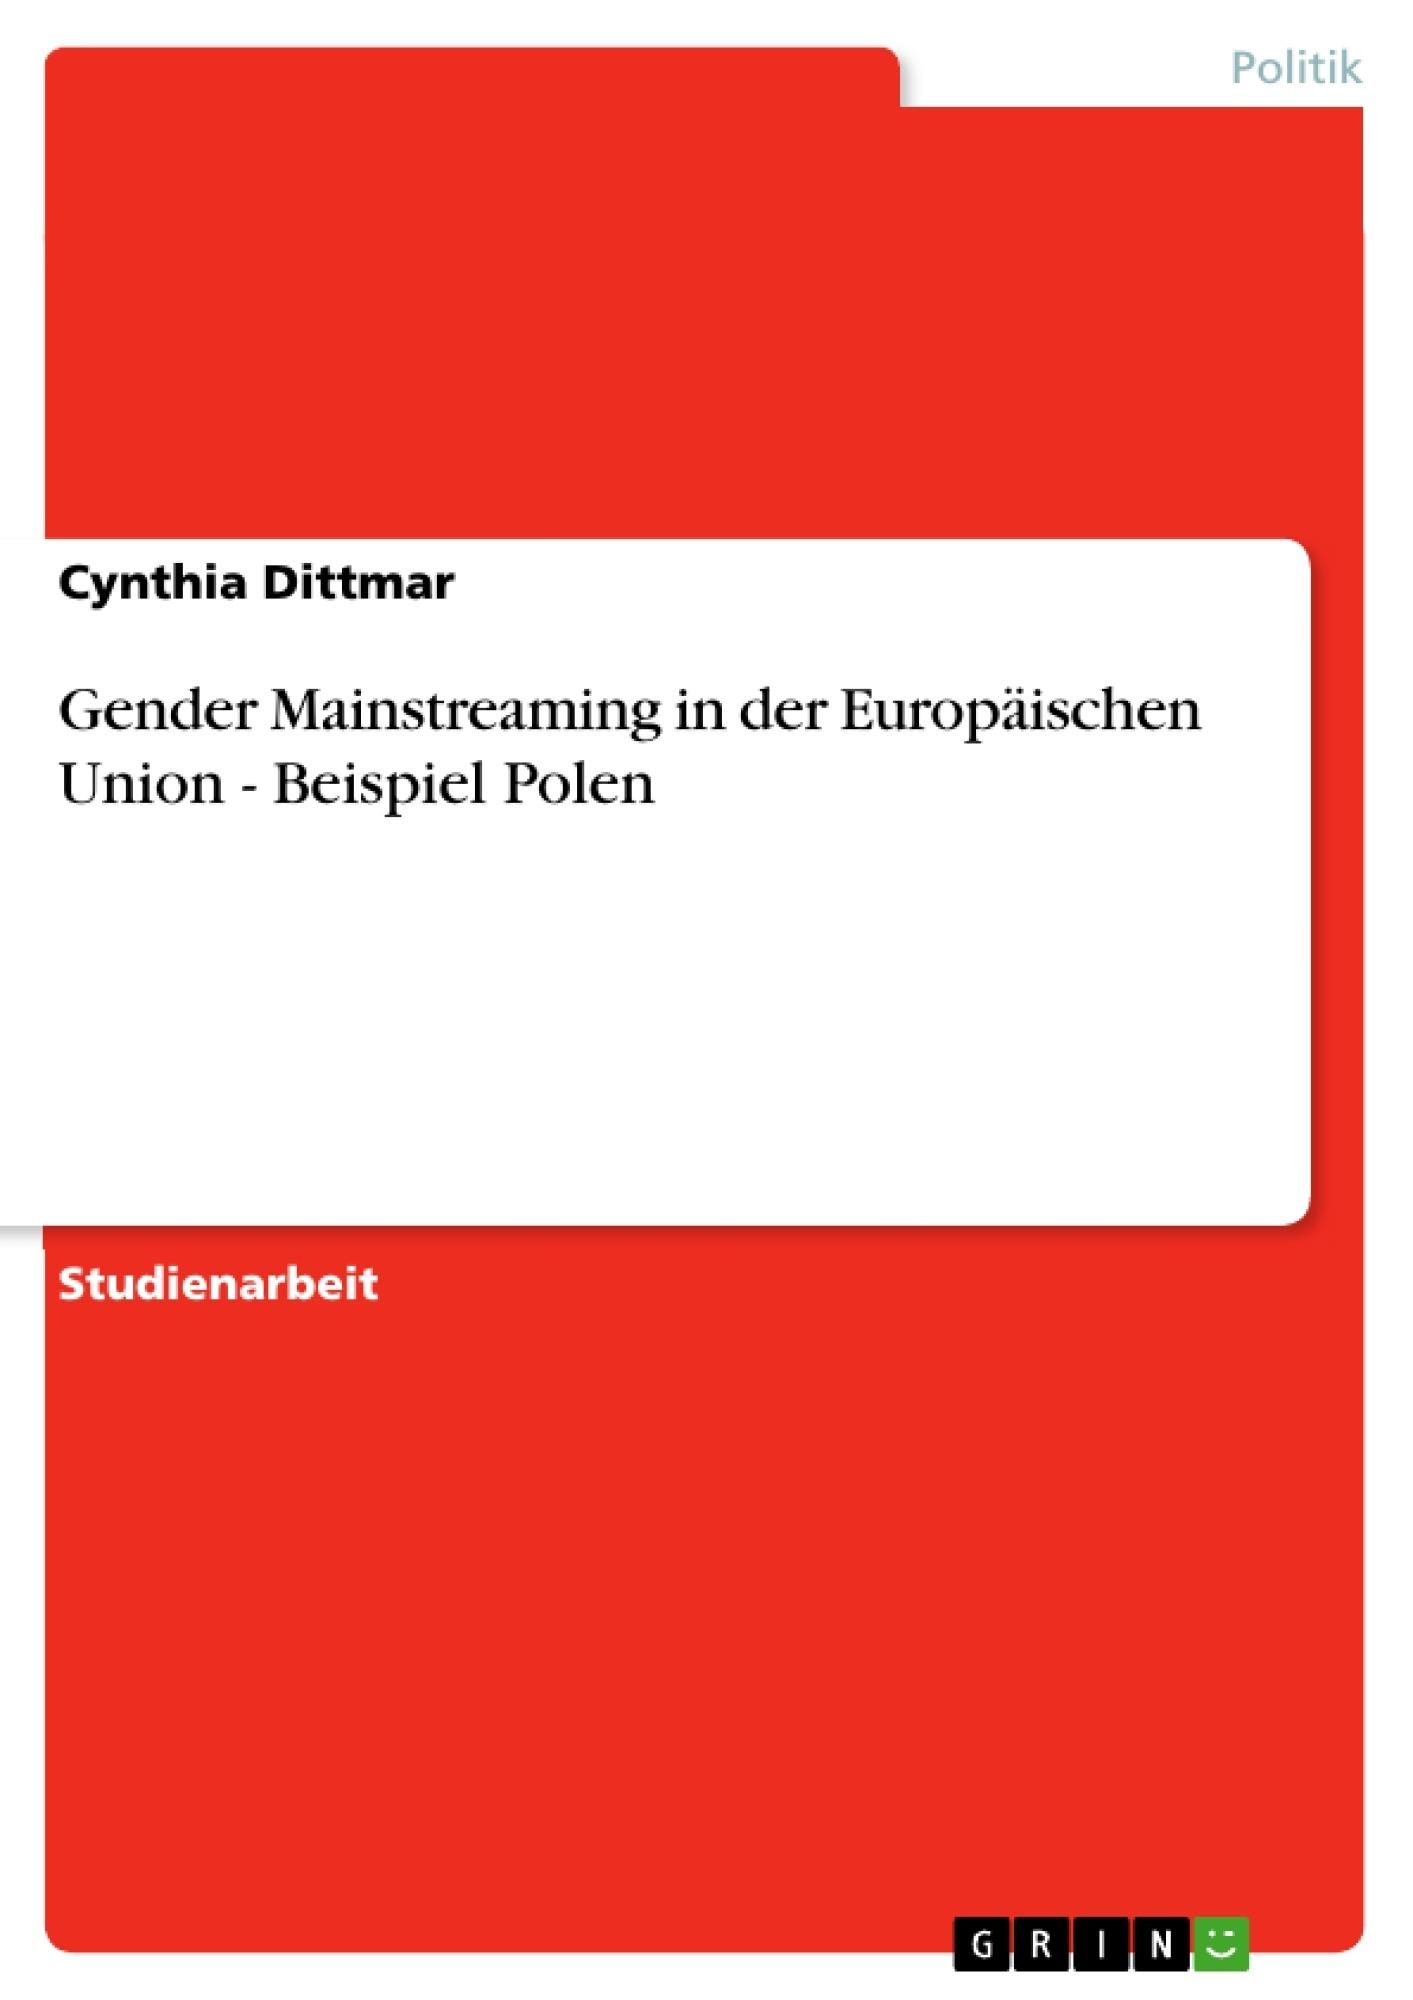 Titel: Gender Mainstreaming in der Europäischen Union - Beispiel Polen